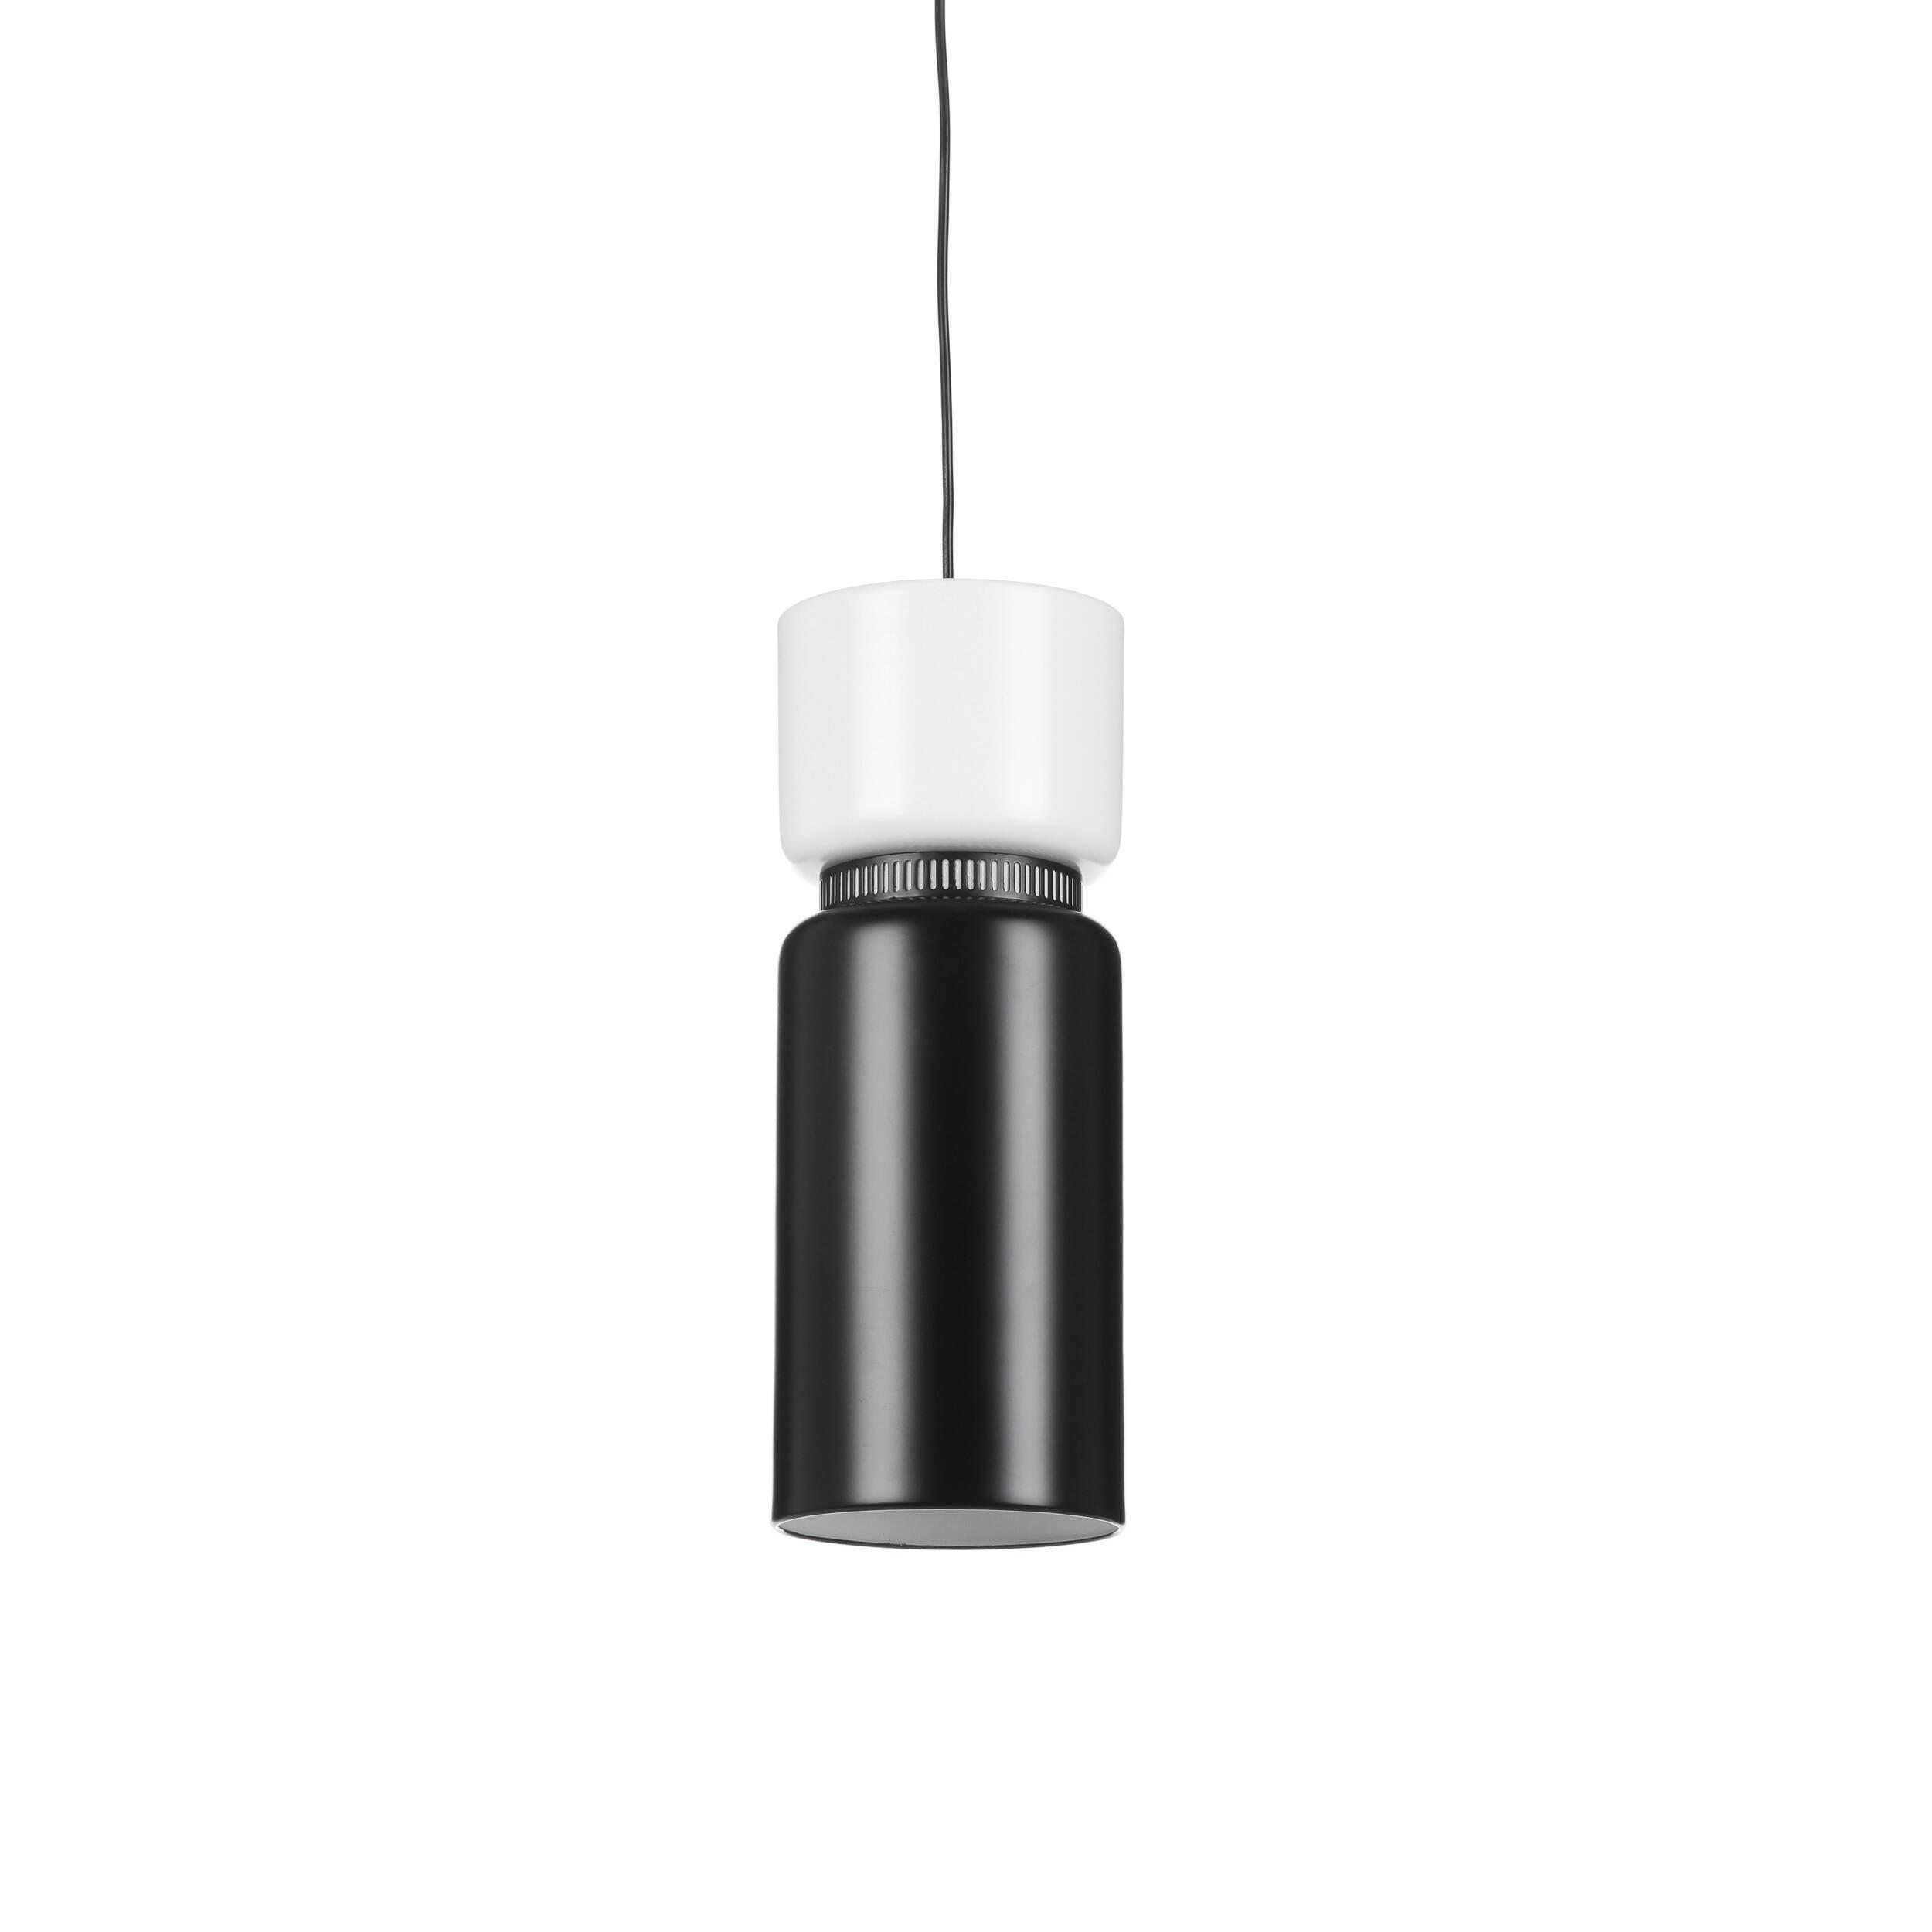 Подвесной светильник Austin диаметр 17Подвесные<br>Дизайнерский подвесной светильник Austin диаметр 17 выполнен в современном стиле, в котором слились сразу несколько направлений – от ар-деко до хай-тека. Изделие обладает сдержанным, лаконичным дизайном, в котором прослеживаются геометрия и элегантные черты традиционных стилей.<br><br><br> Для изготовления такой лаконичной модели светильника дизайнеры выбрали не менее лаконичный набор материалов. Однако сочетание стали и алюминия дает потрясающие результат – светильник очень прочный, надежный,...<br><br>stock: 9<br>Высота: 43<br>Диаметр: 17<br>Материал абажура: Алюминий<br>Материал арматуры: Сталь<br>Мощность лампы: 60<br>Тип лампы/цоколь: E27<br>Цвет абажура: Черный<br>Цвет арматуры: Белый